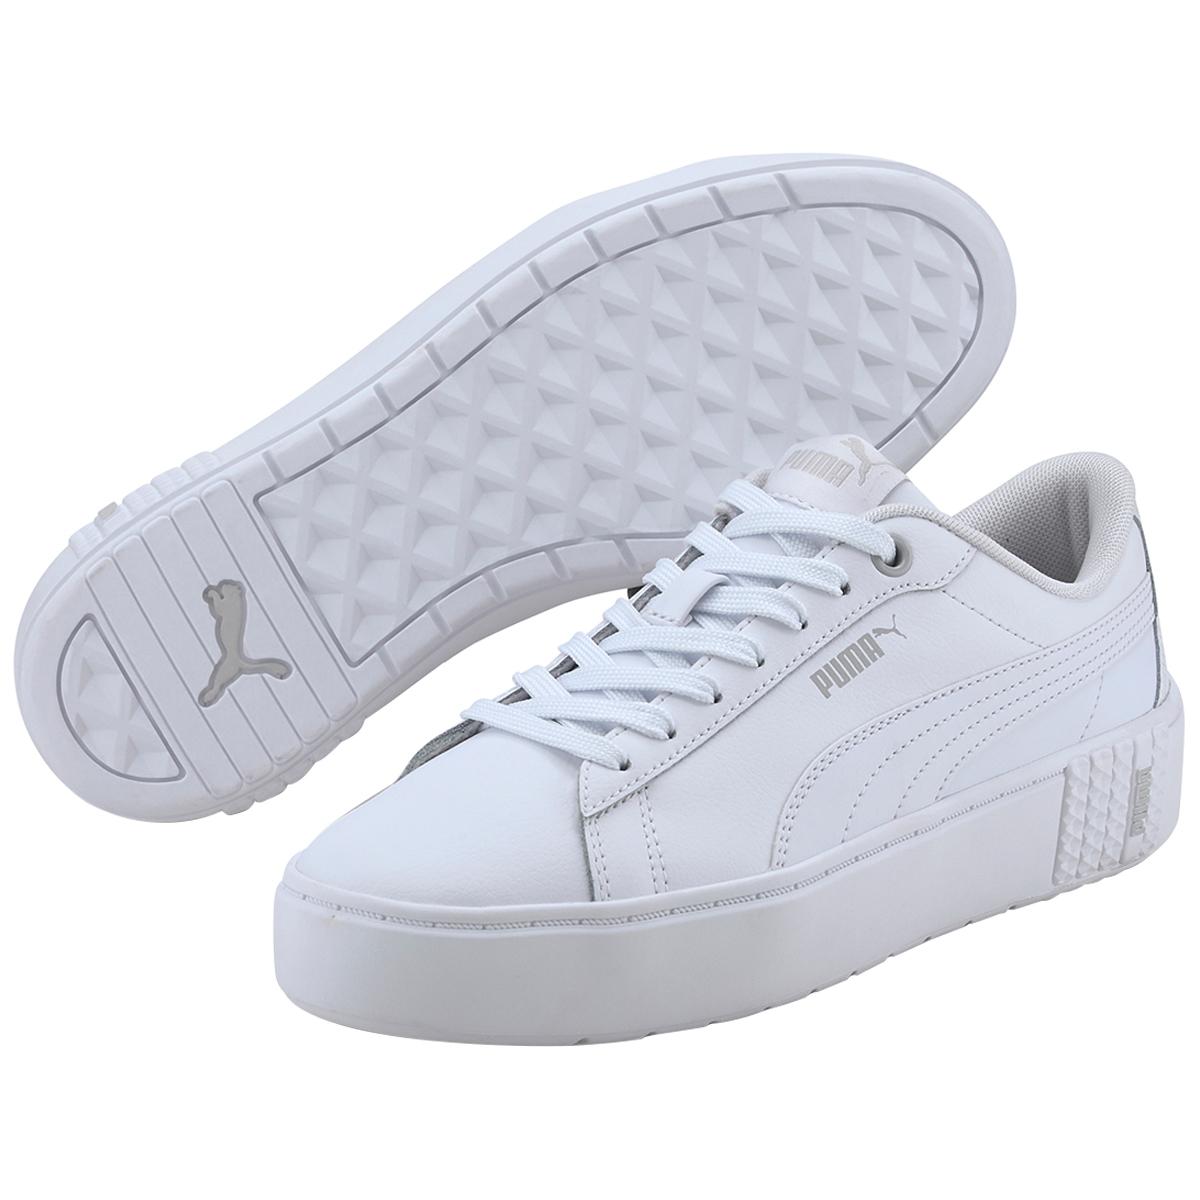 Puma Women's Smash Platform Shoe